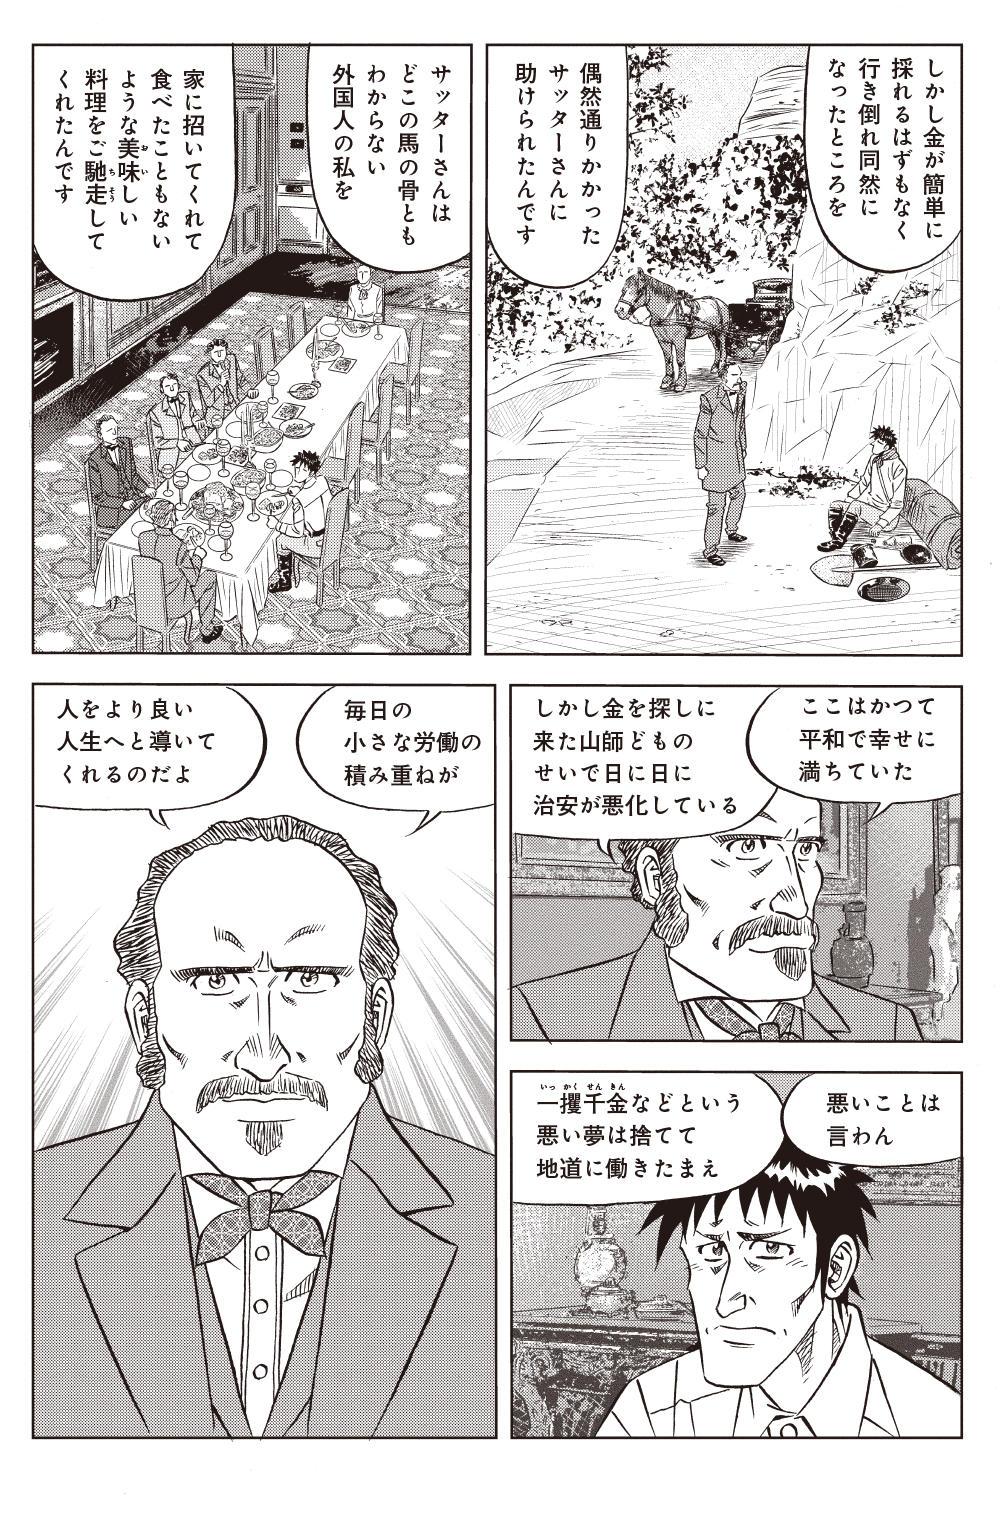 ミスター味っ子 幕末編 第3話「黄金大陸」①ajikko01-87.jpg